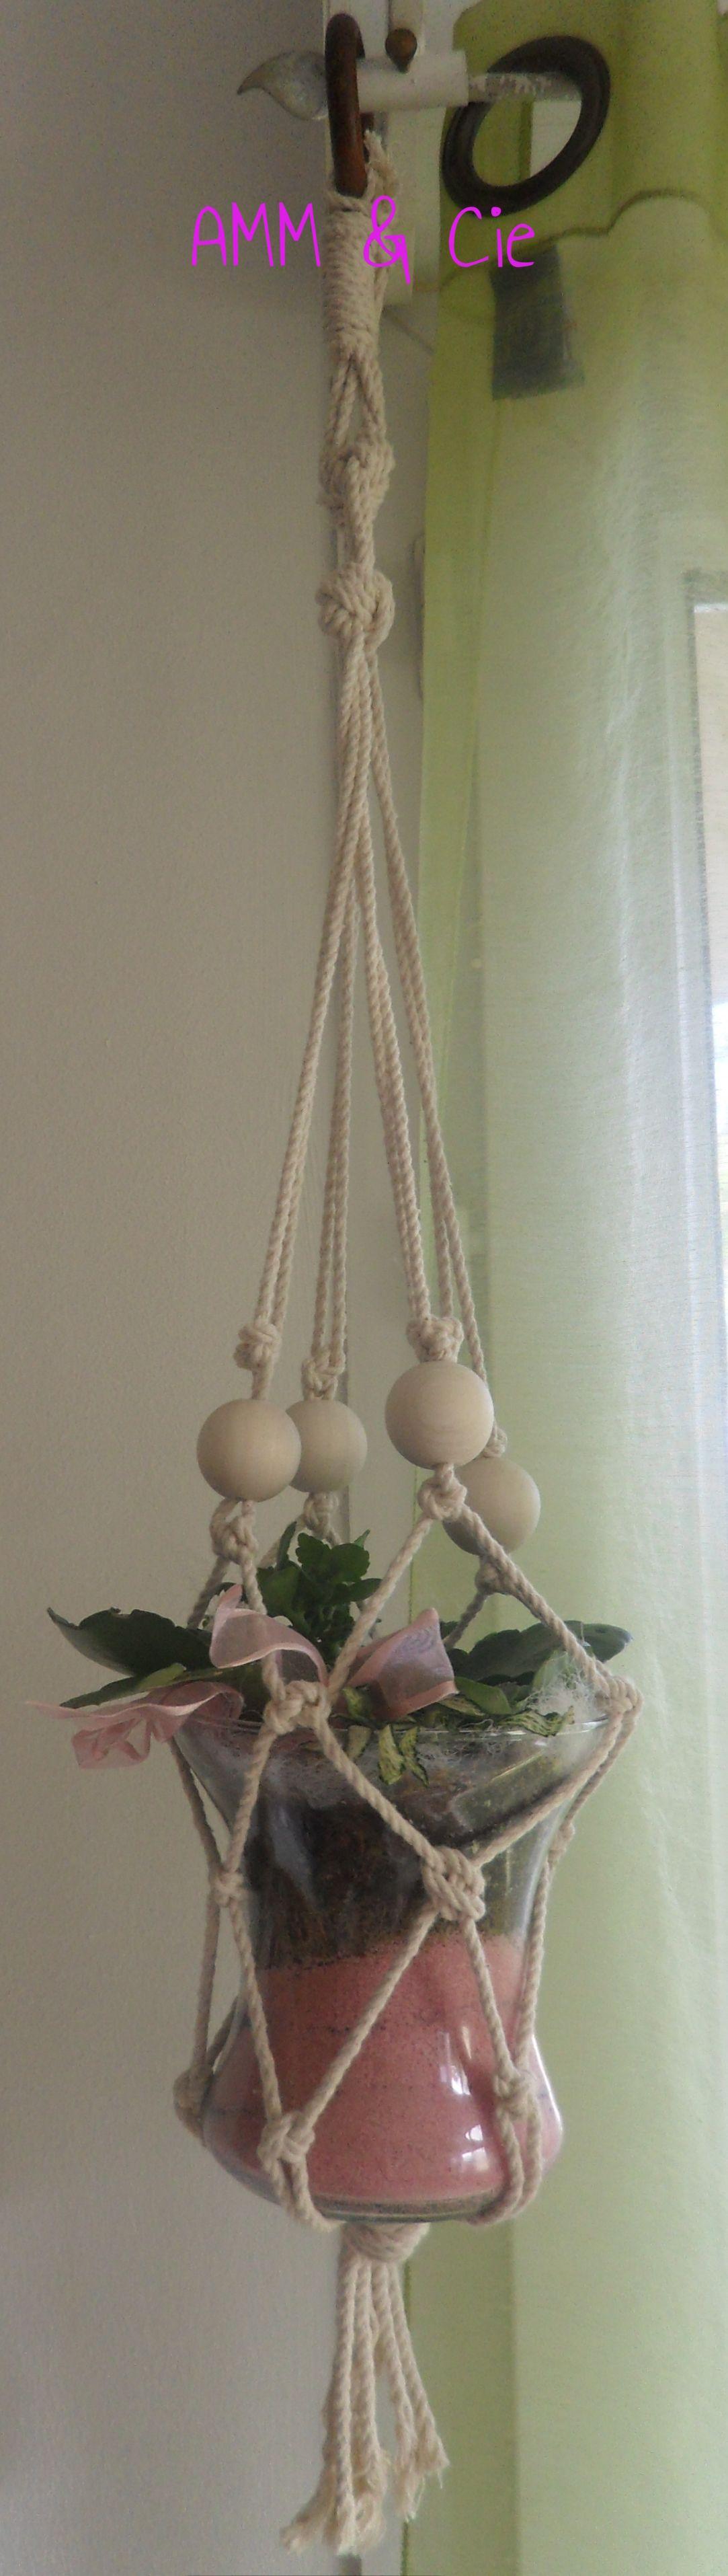 une suspension en coton IWWI facile en nœuds de Carrick et perles